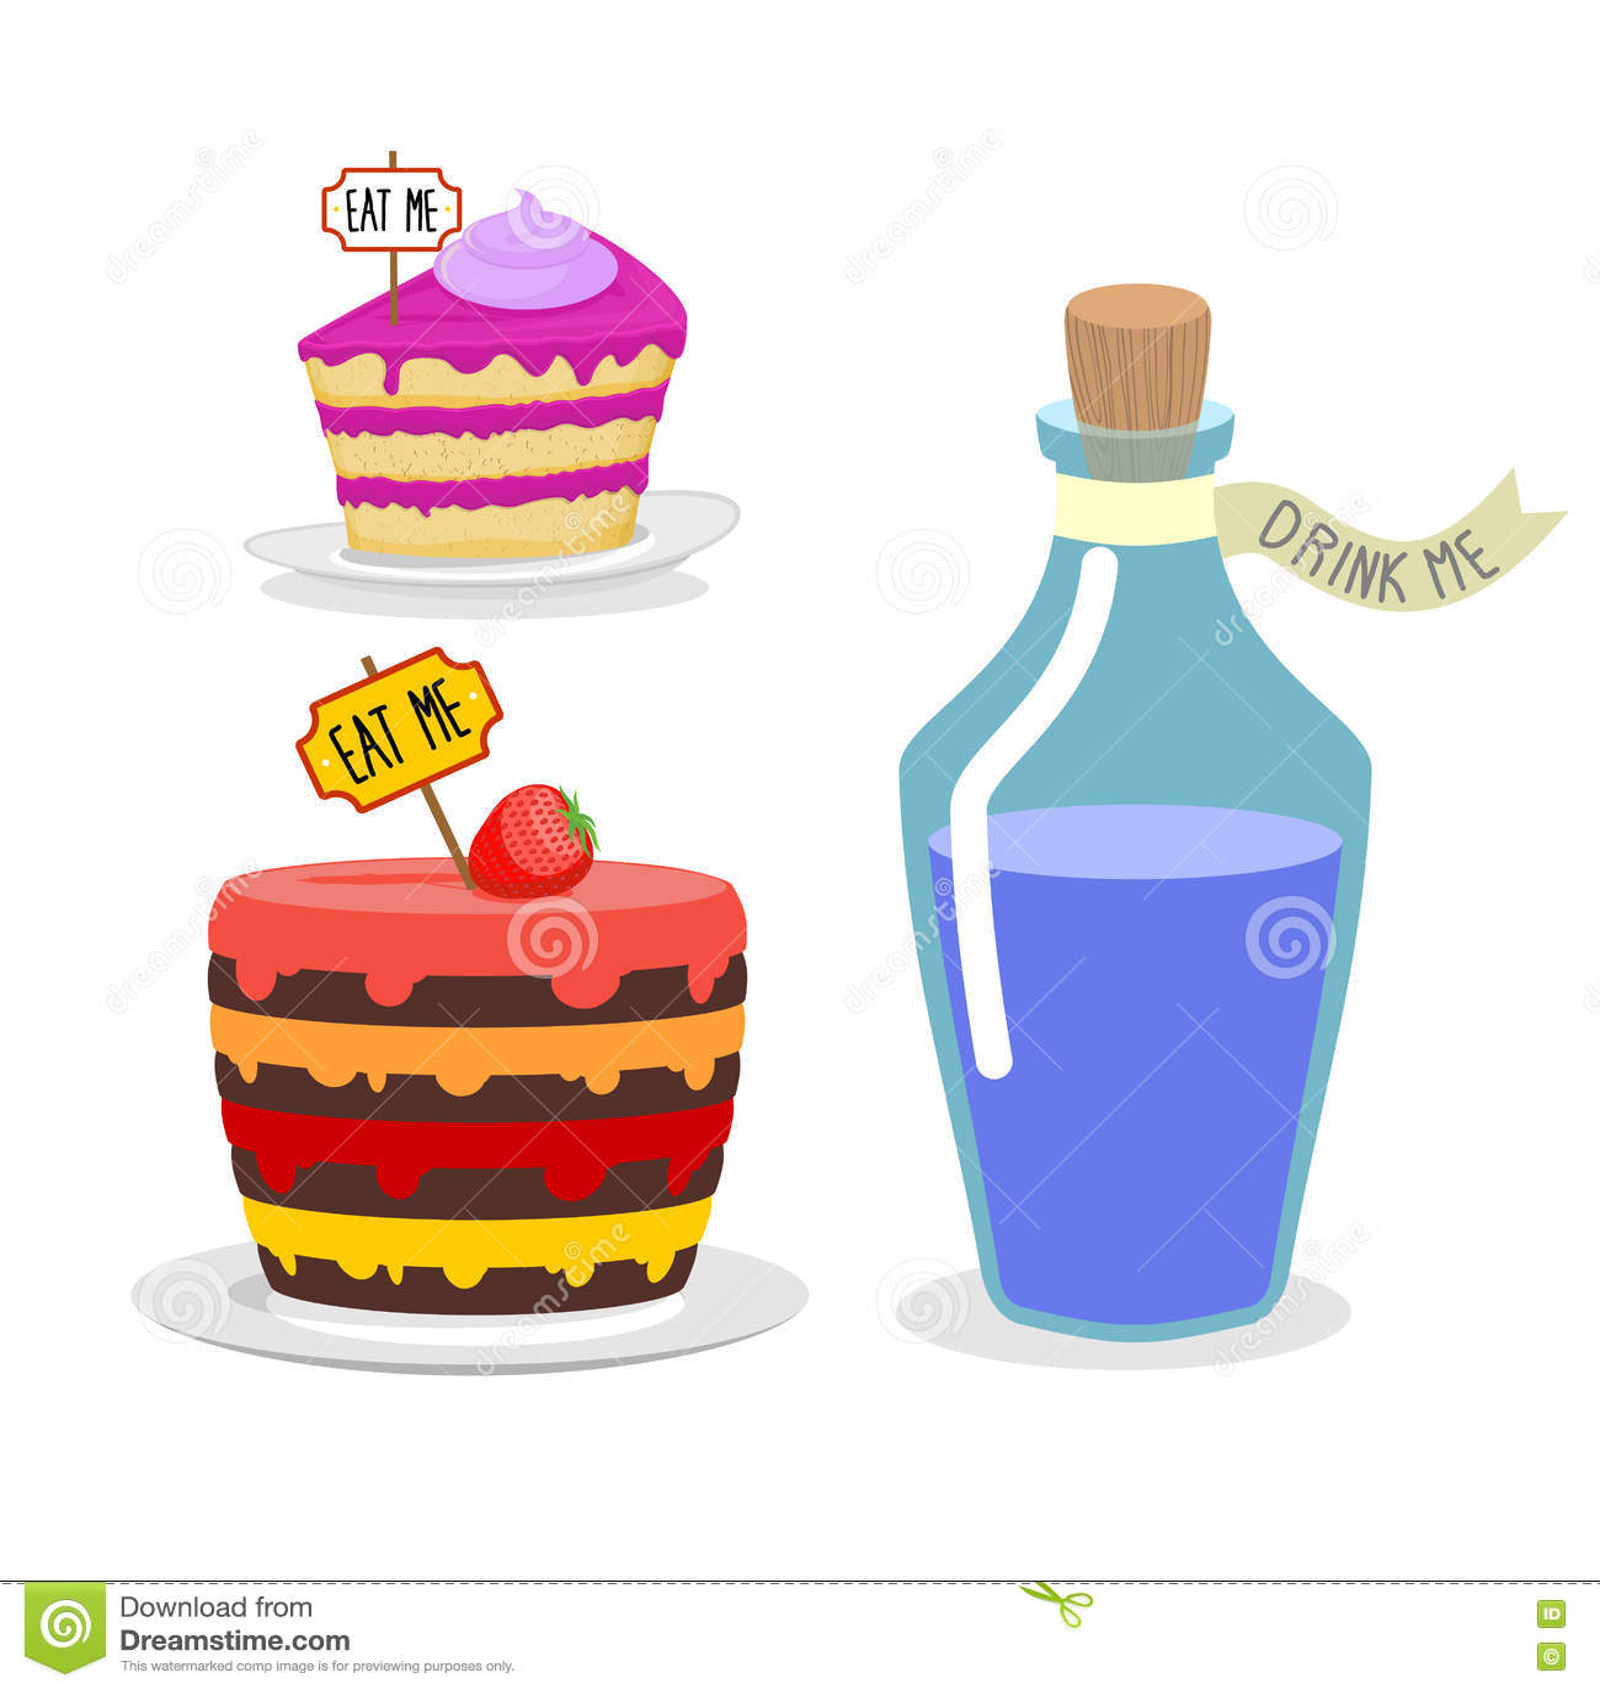 Gateau Alice Aux Pays Des Merveilles se rapportant à mangez-moi gâteau buvez-moi breuvage magique placez le repas pour